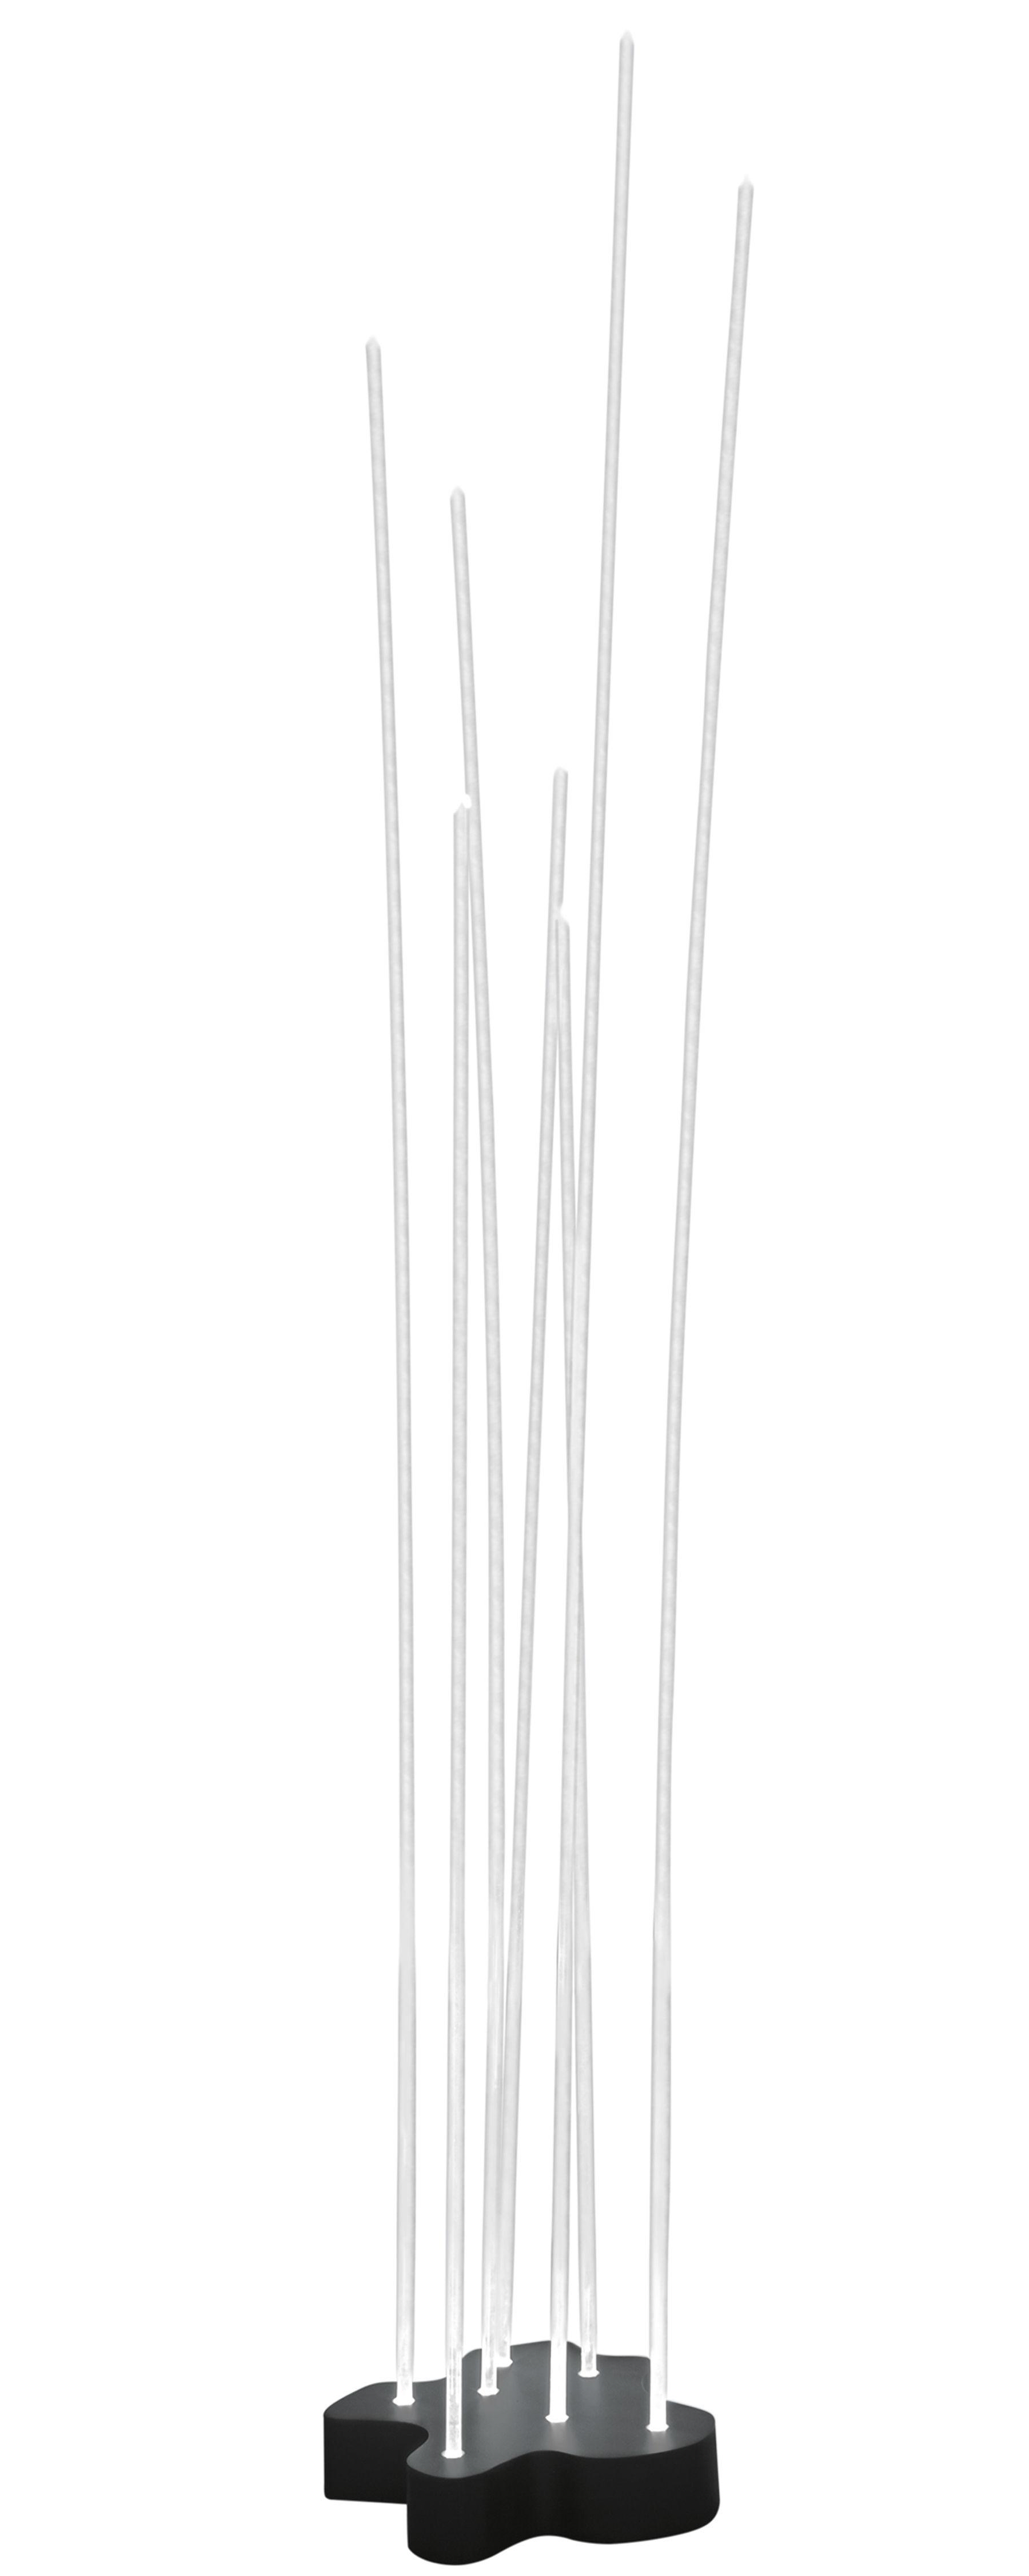 Luminaire - Lampadaires - Lampadaire Reeds LED / 7 tiges - Artemide - Blanc / Base gris anthracite - Acier inoxydable peint, PMMA